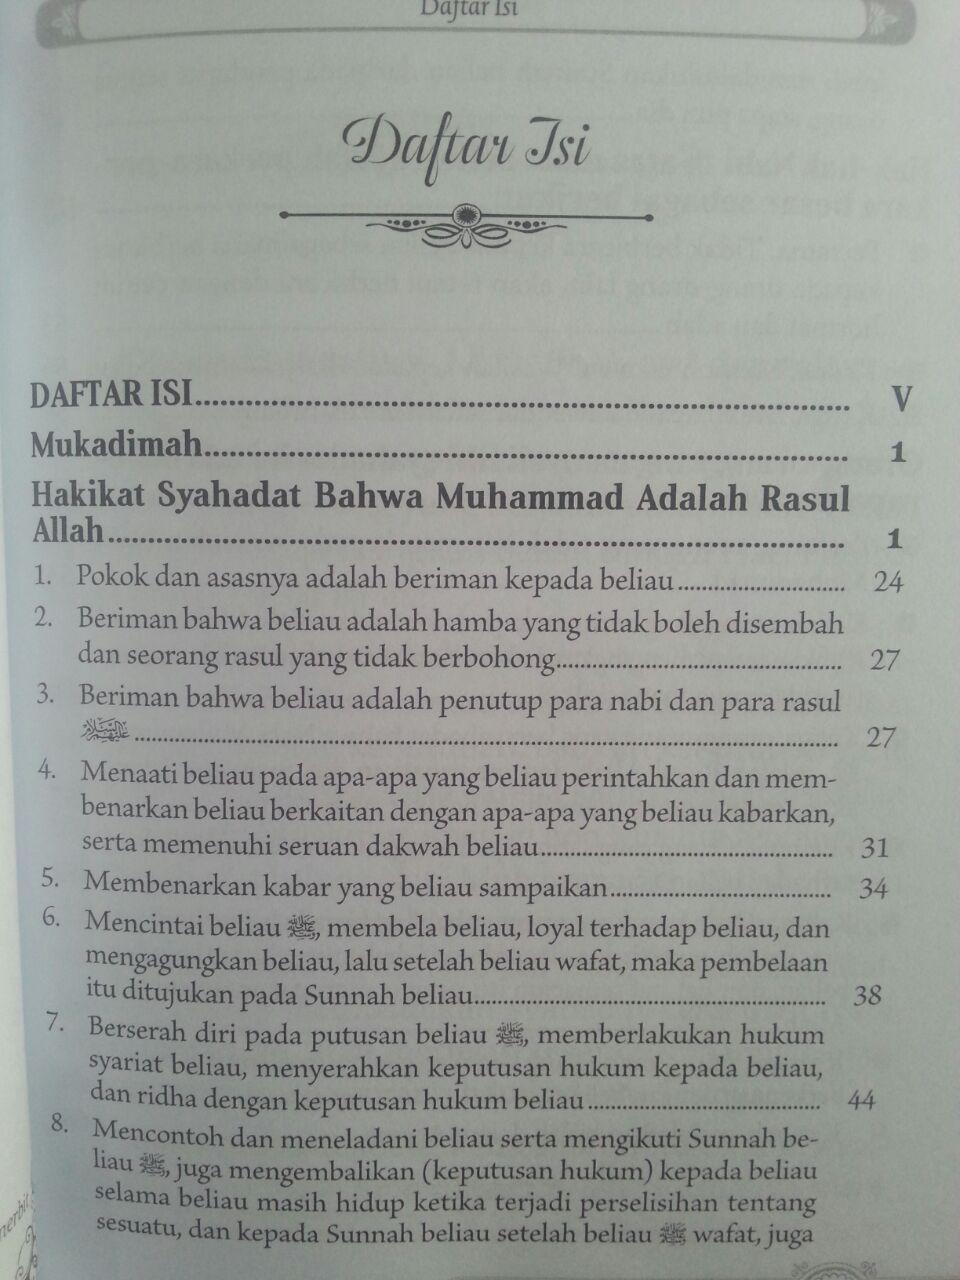 photo_2018-07-19_11-09-07.jpg Buku Hakikat Dan Konsekuensi Syahadat Nabi Muhammad Utusan Allah isi 2